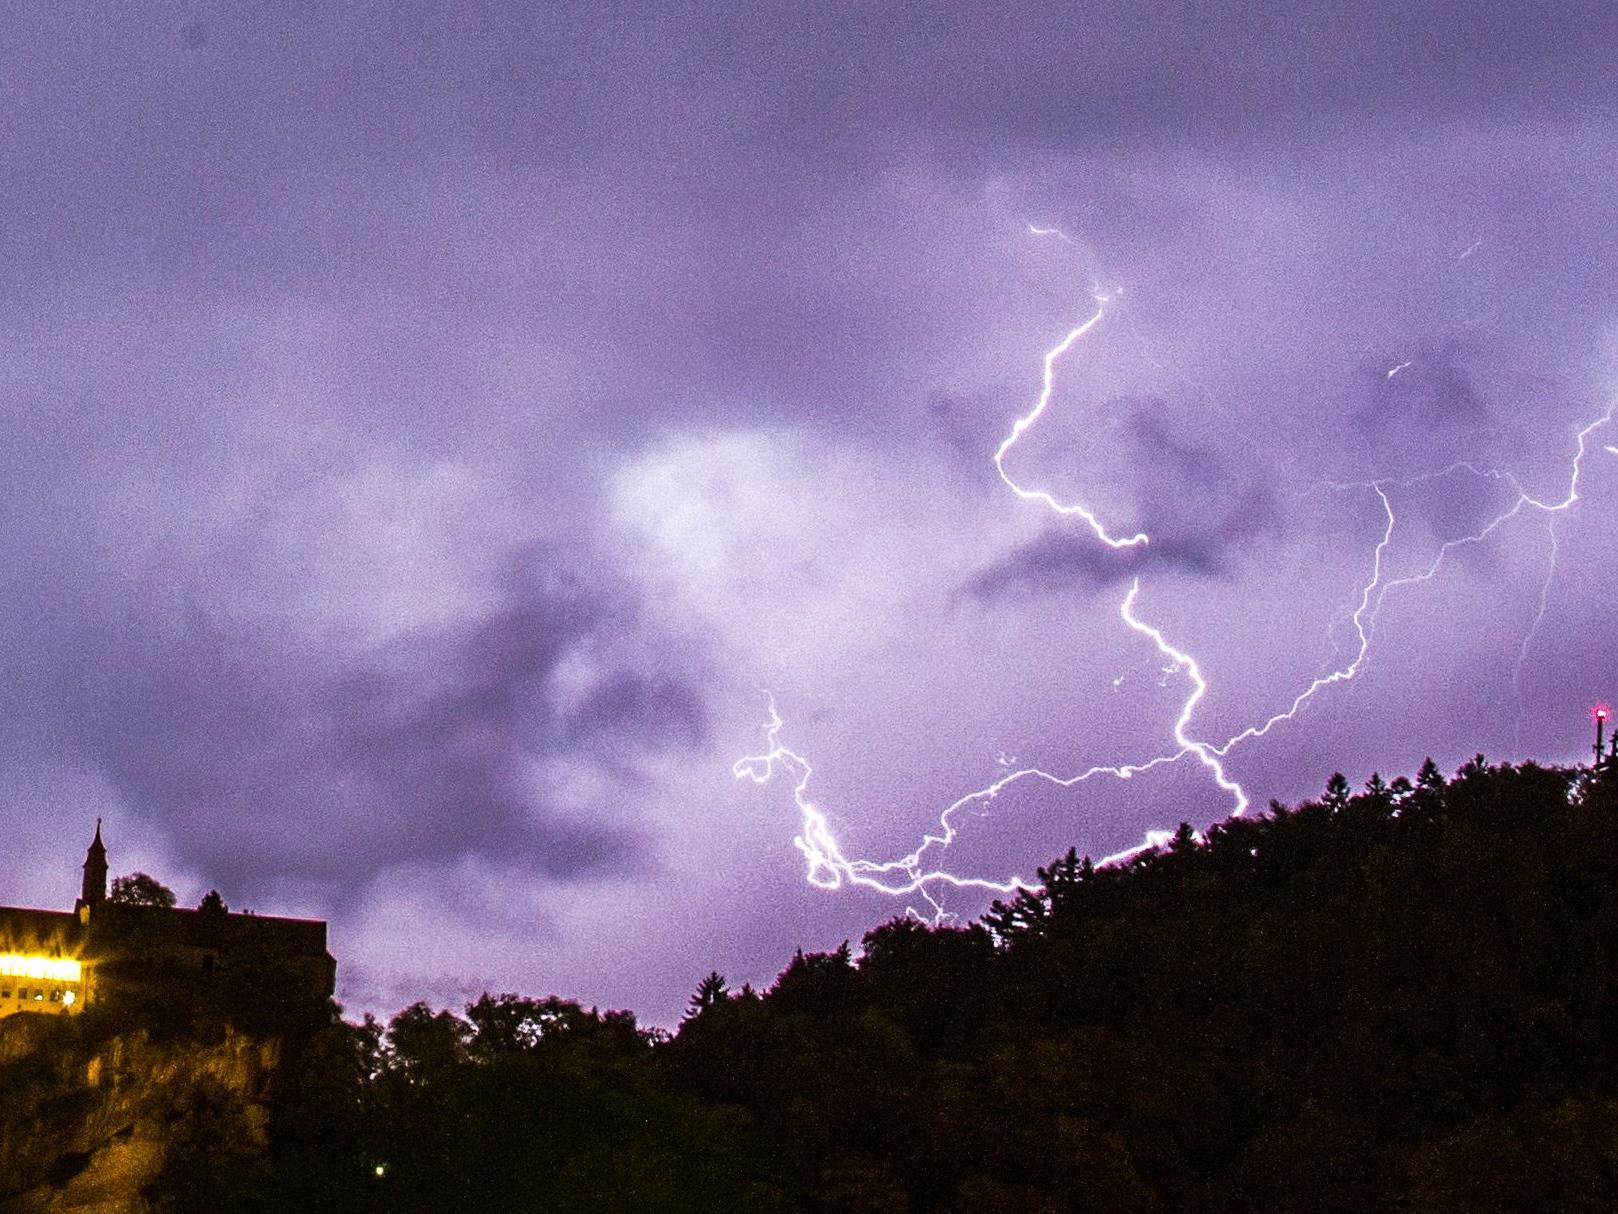 Von Montag Nachmittag bis Dienstag Morgen ist in Vorarlberg schweren Gewittern, Sturmböen und sogar Hagel zu rechnen.